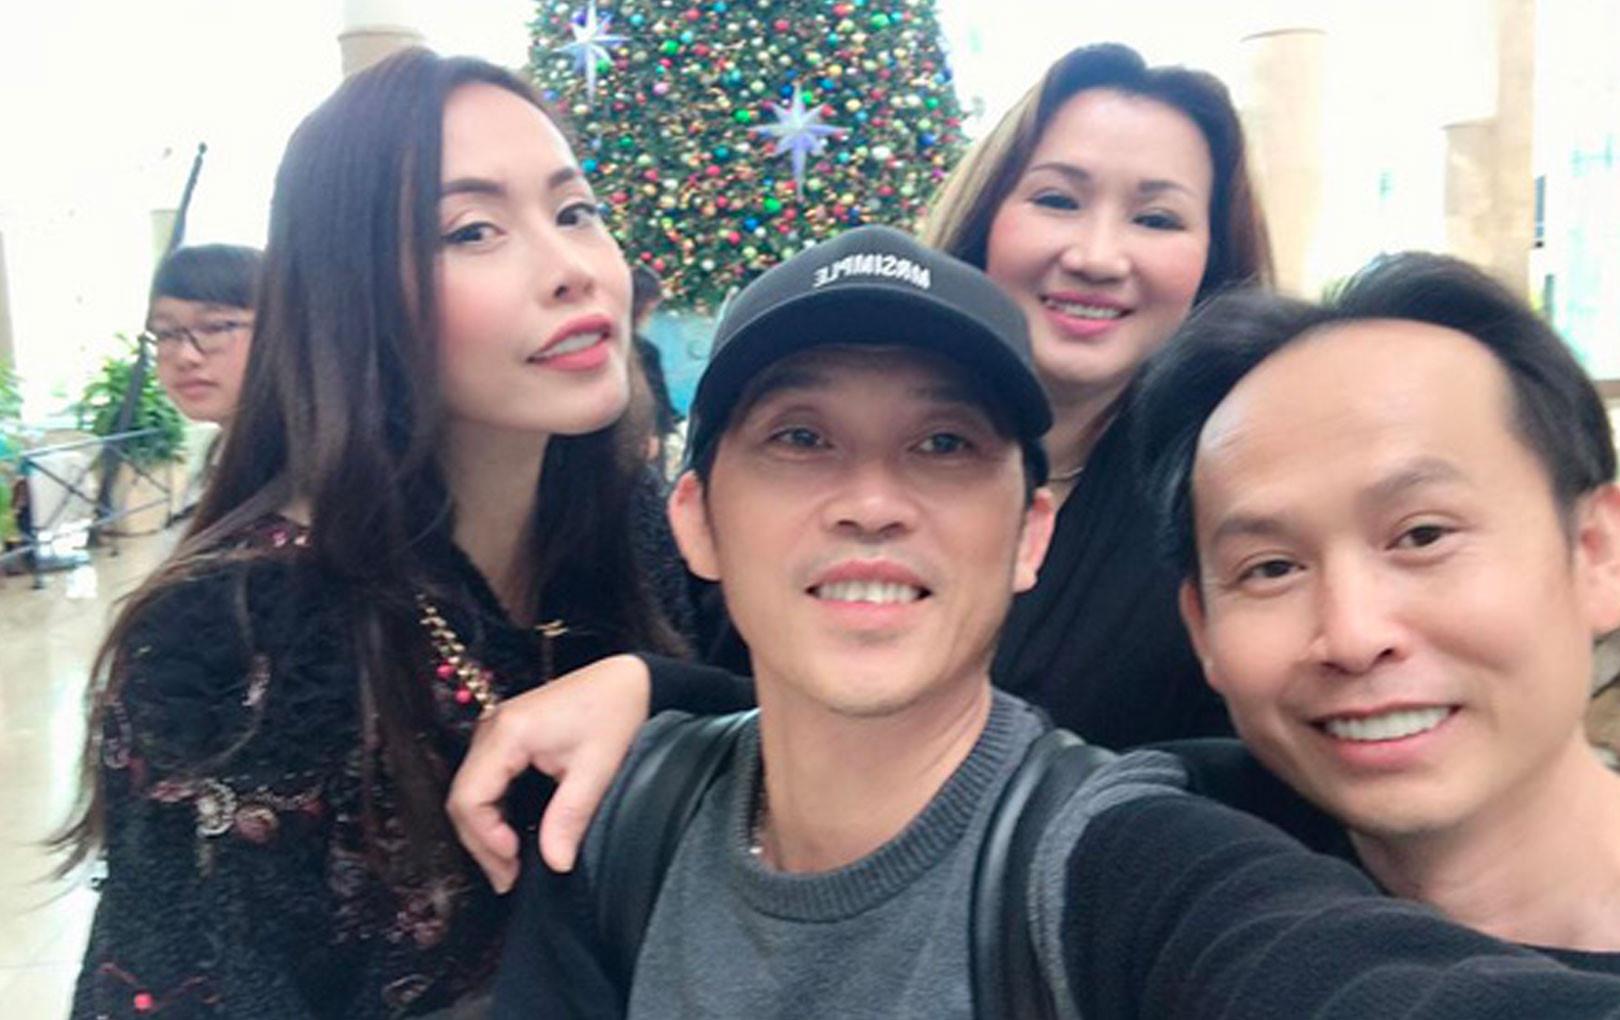 Hoài Linh tiết lộ hình ảnh quây quần bên các anh chị em ở Mỹ nhân dịp cuối năm